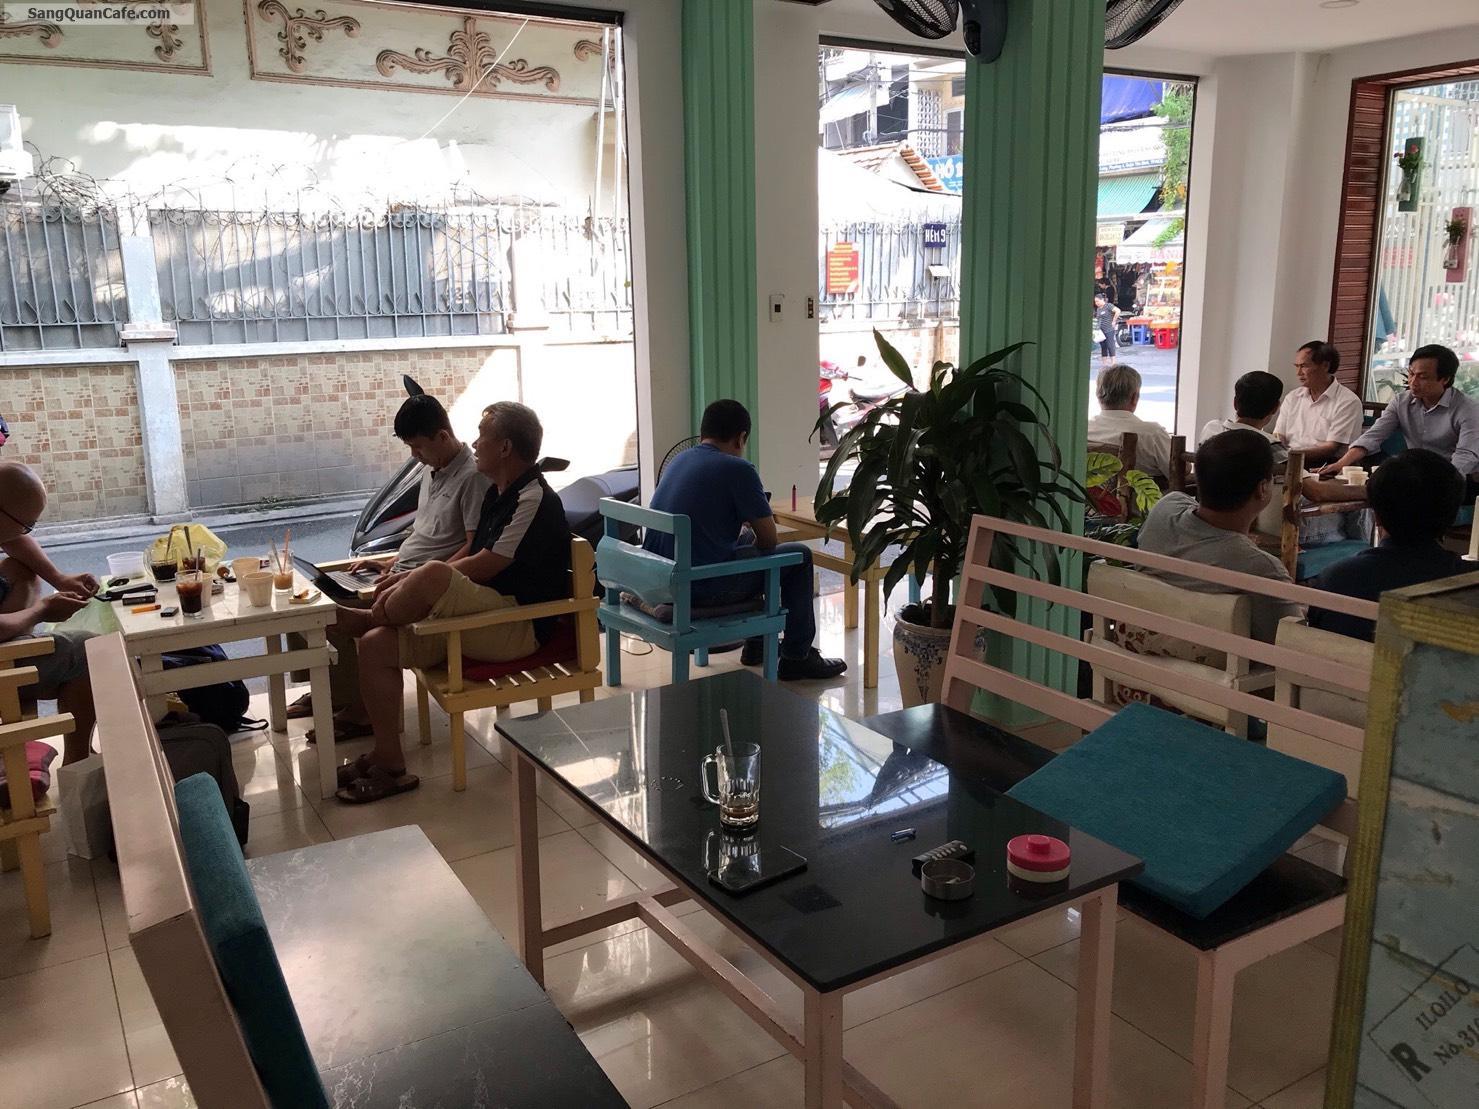 Sang mặt bằng quán Cafe - cơm văn phòng 2 mặt tiền